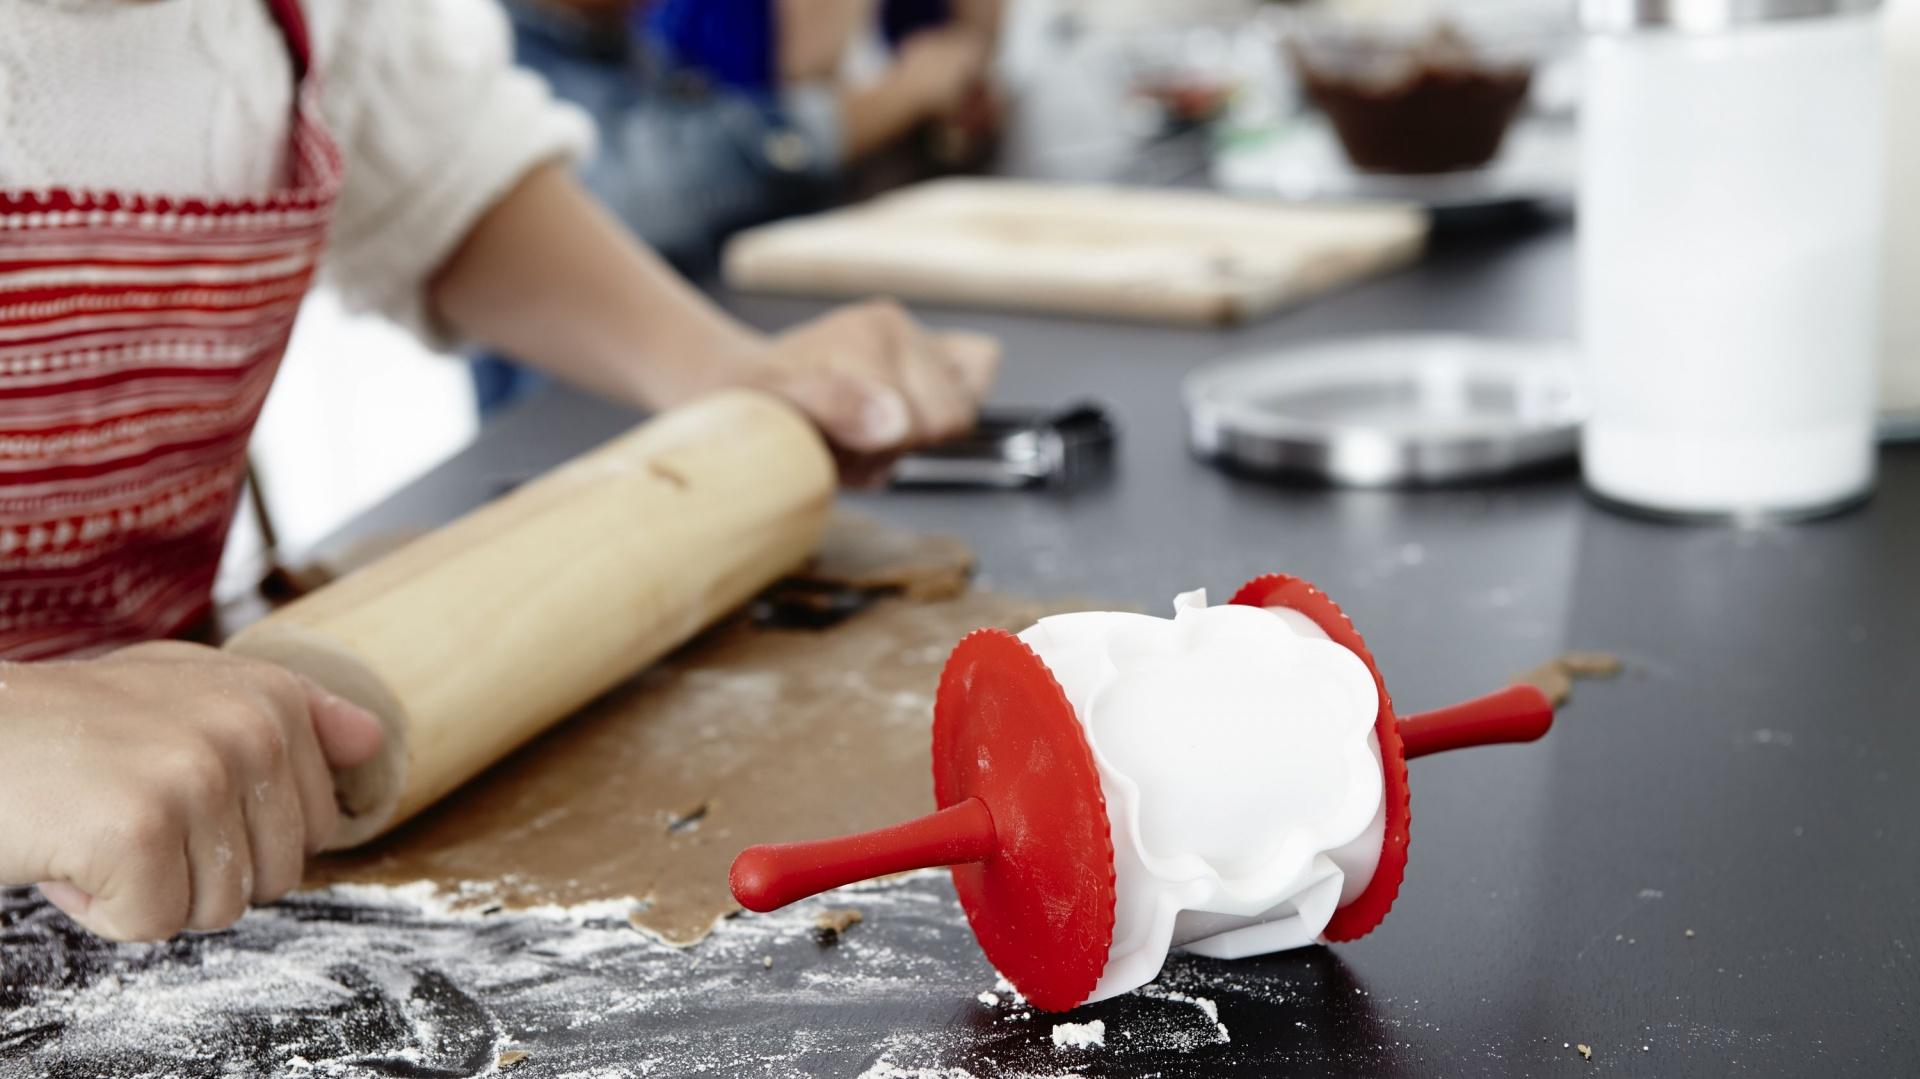 Wałek do wycinania ciasta Vinterkul to szybki sposób na przygotowanie oryginalnych ciasteczek. 6,99 zł, IKEA. Fot. IKEA.